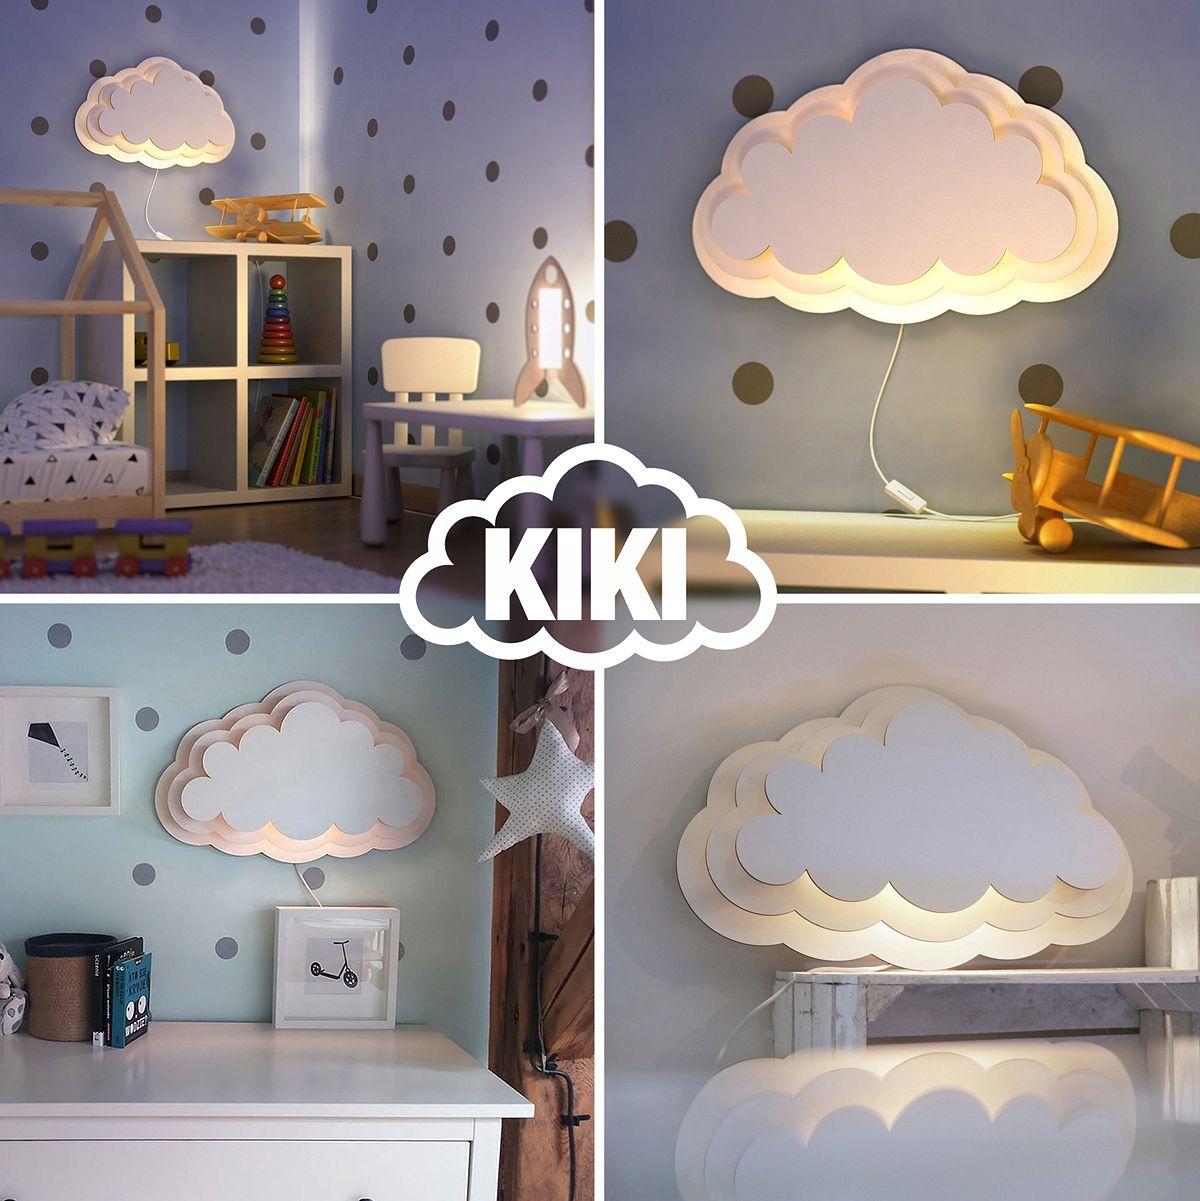 Kiki Lampa Chmurka Kinkiet Do Pokoju Dziecka Wall Lamp Cloud Shapes Lamp